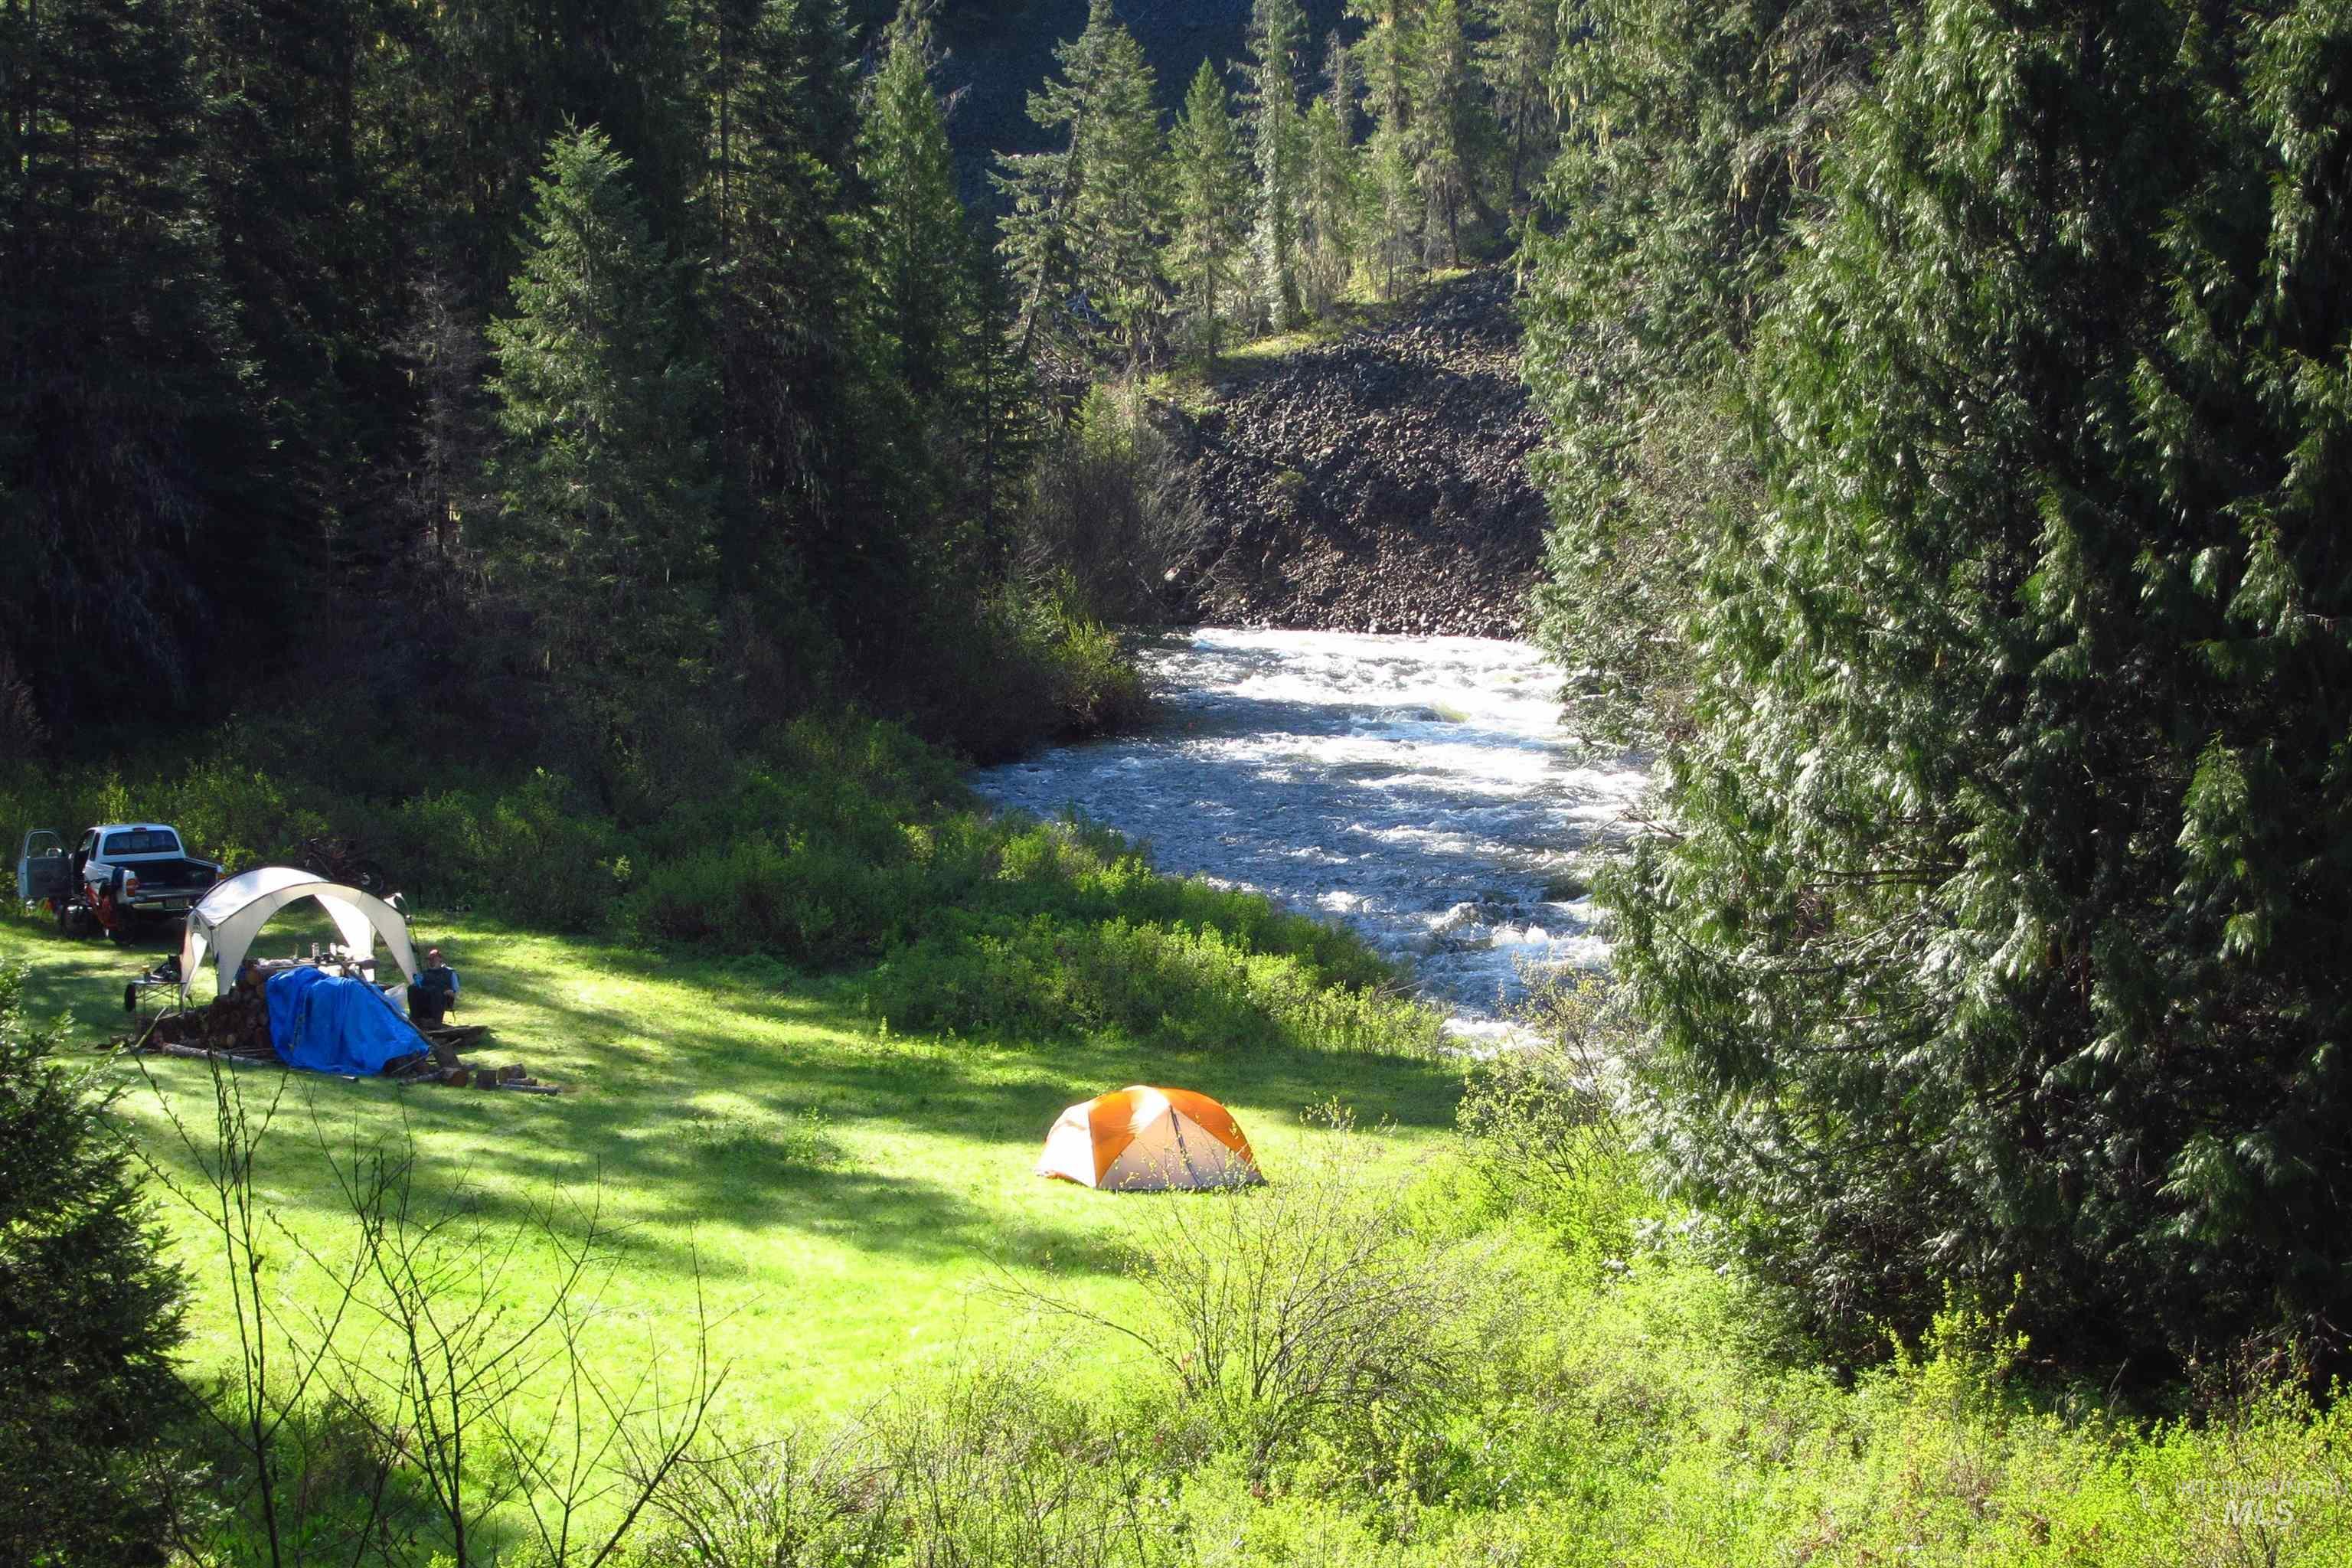 Tbd Lolo Creek Tbd Property Photo